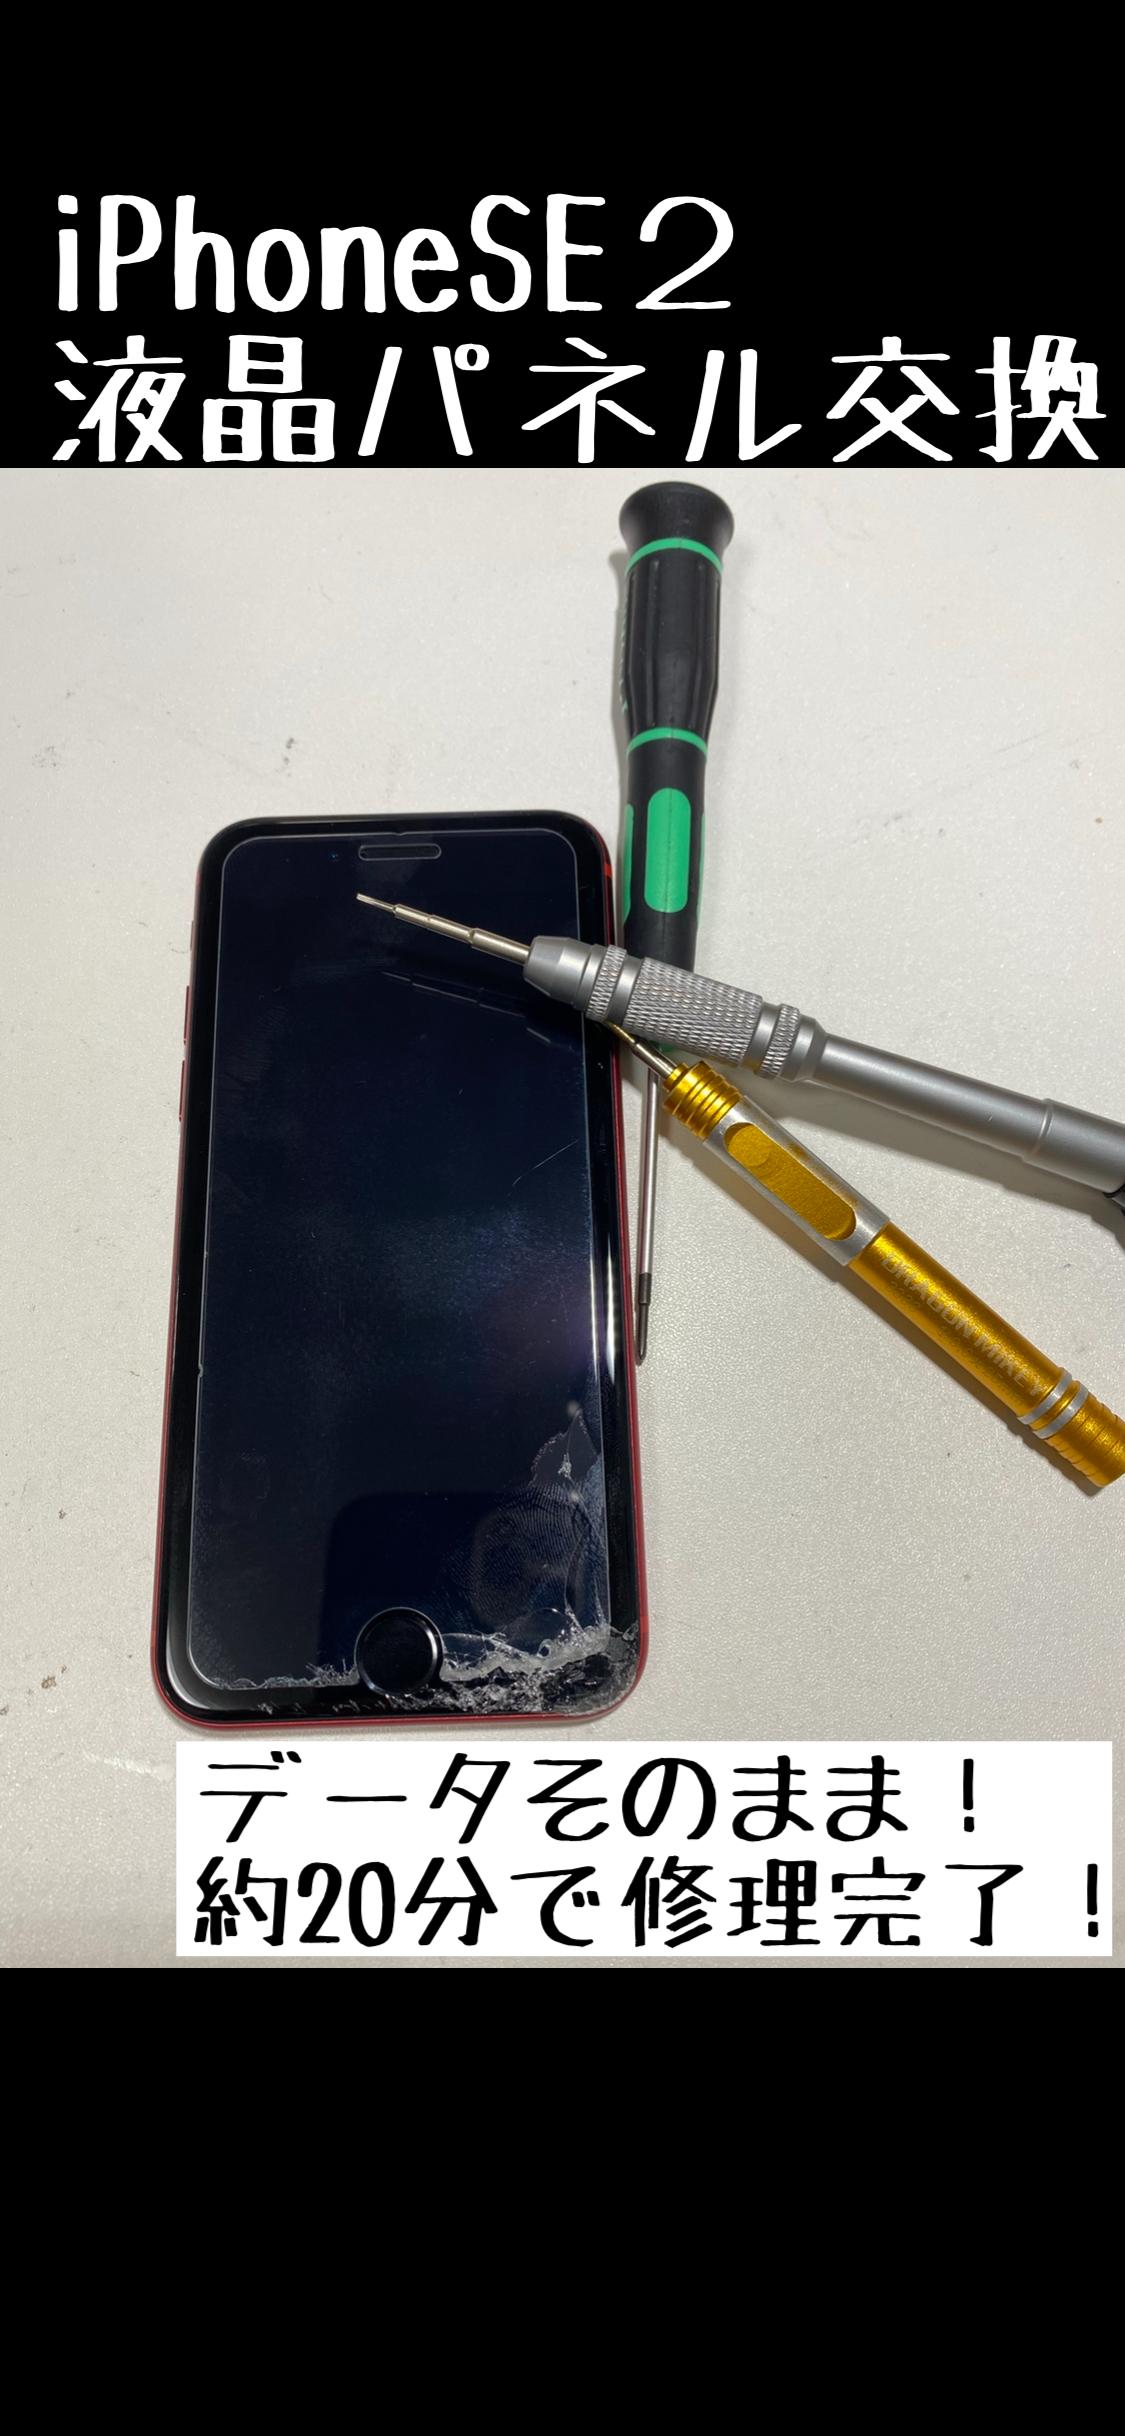 iPhoneSE2 えすいーつー se2 画面割れ 画面が割れた 修理 なおす 江南市 iPhone修理 スマホ修理